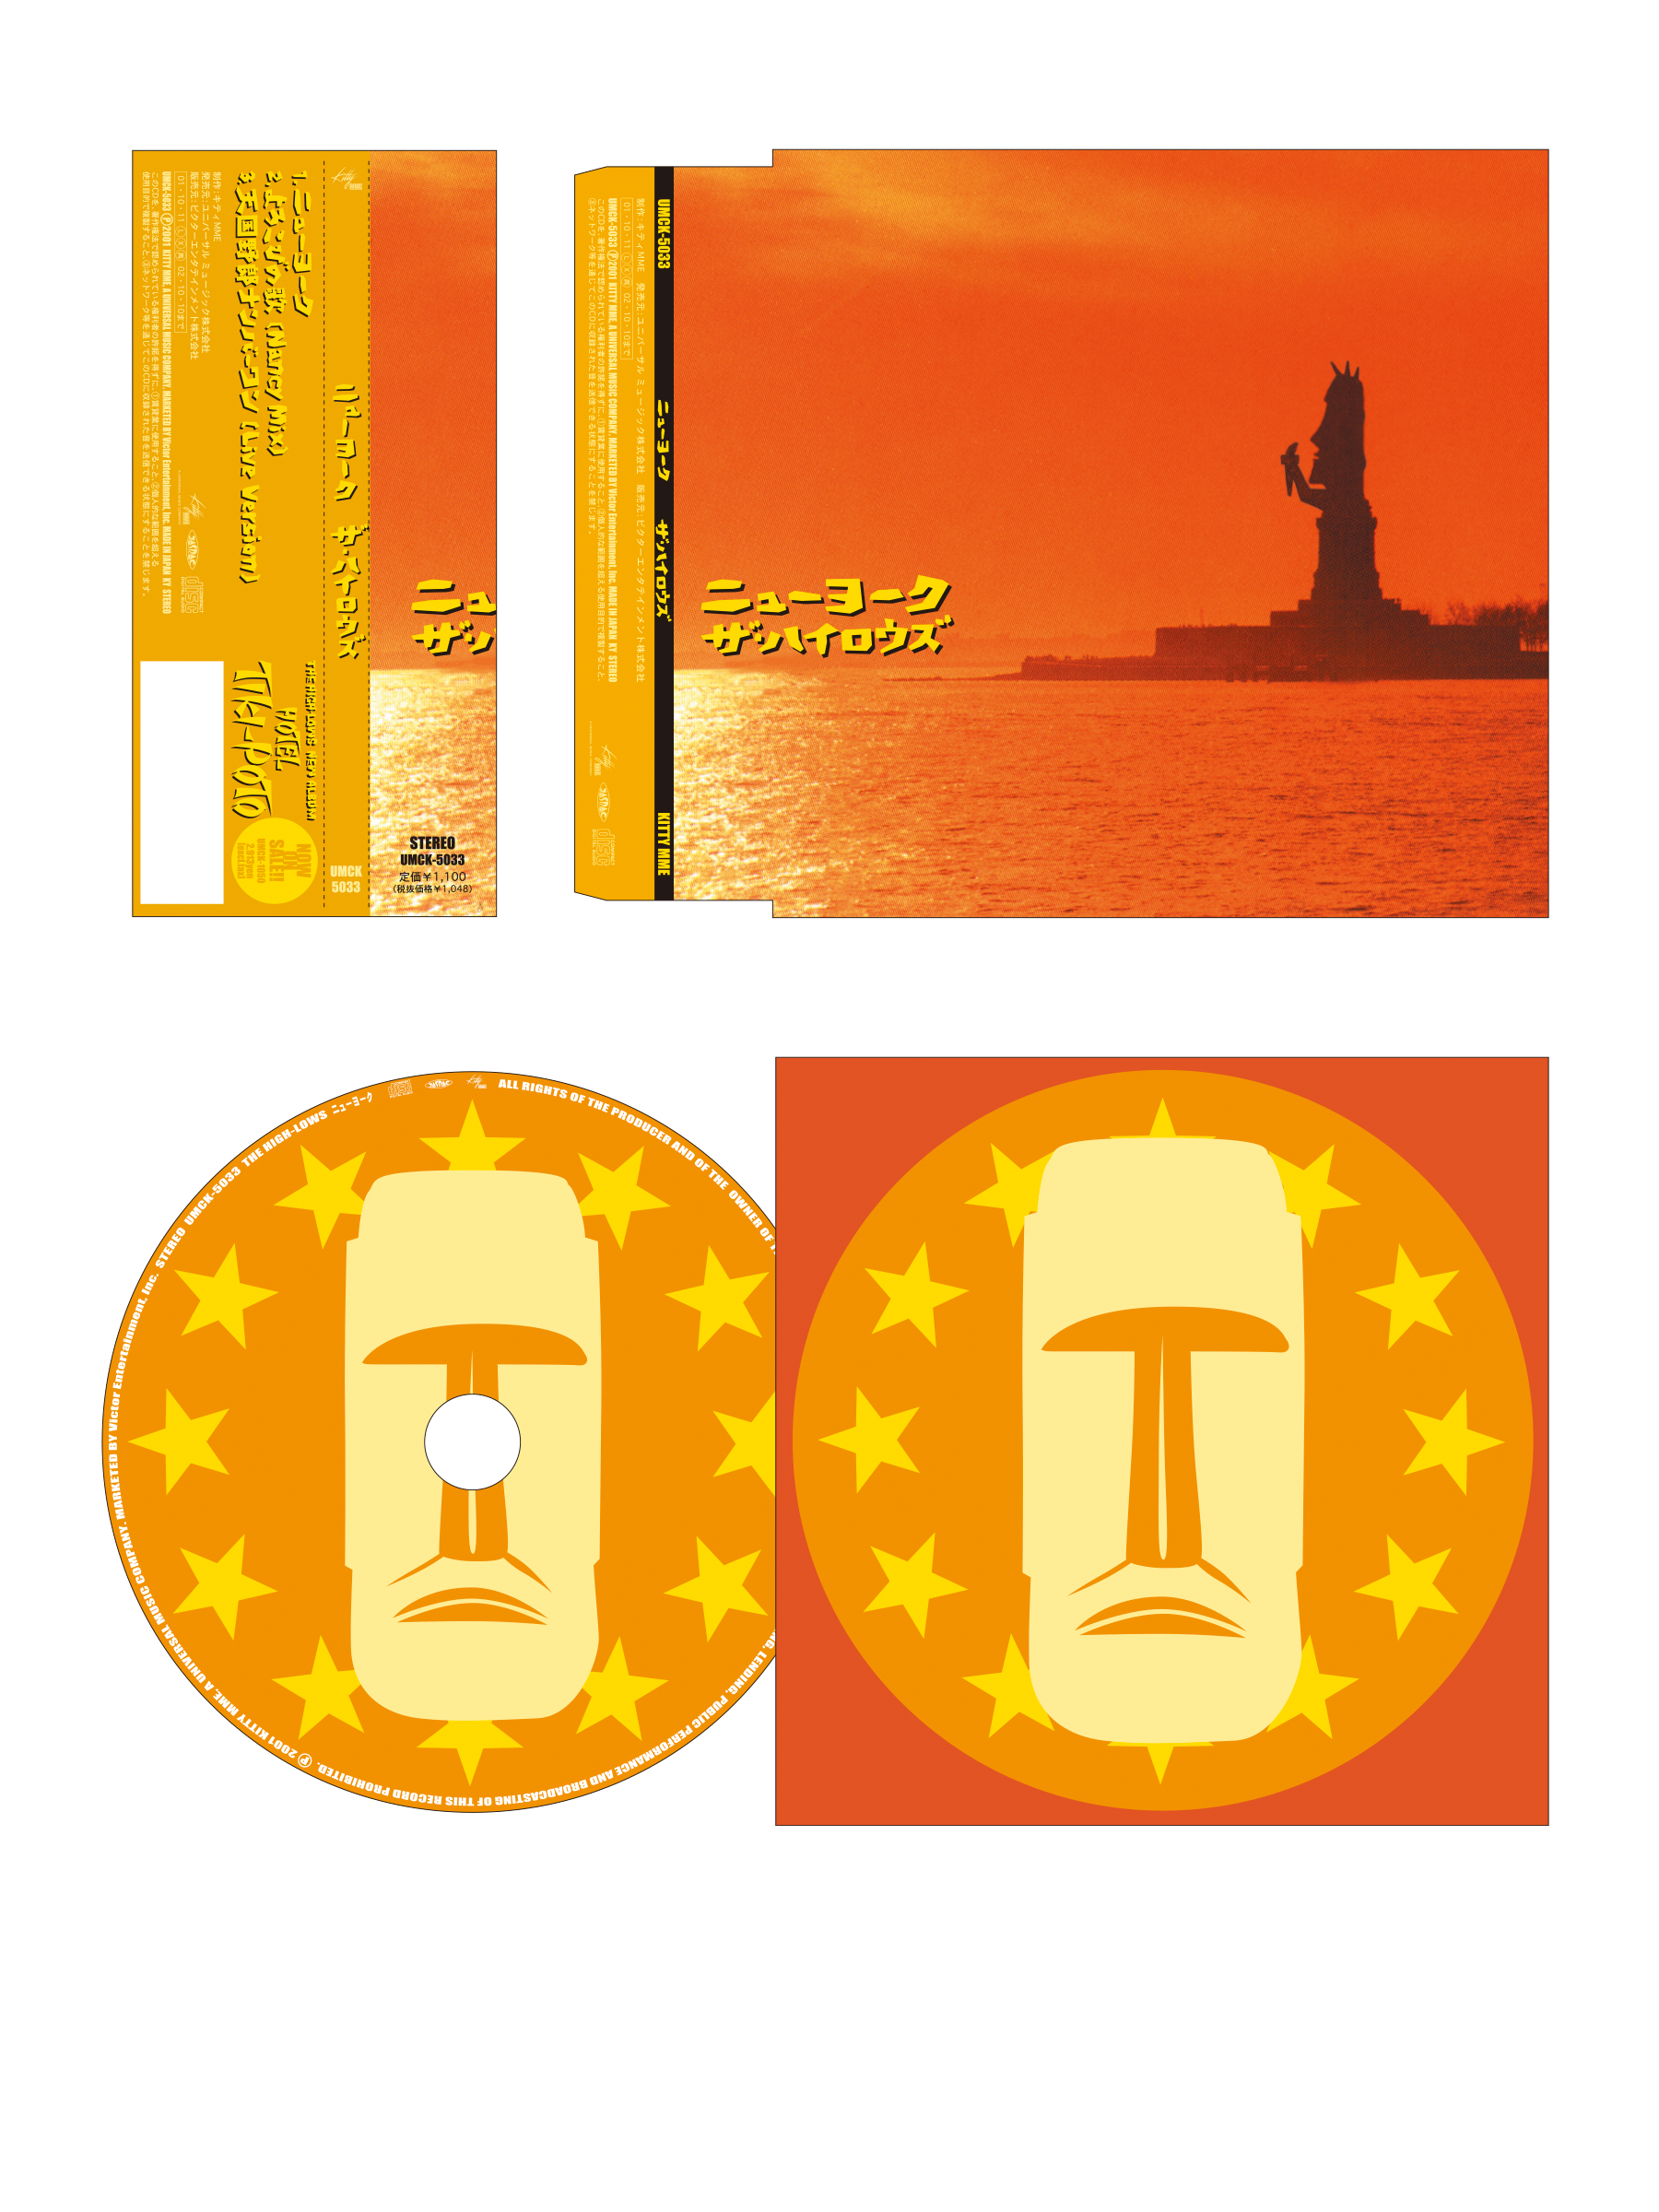 ザ・ハイロウズ 「ニューヨーク」 マキシシングルジャケット